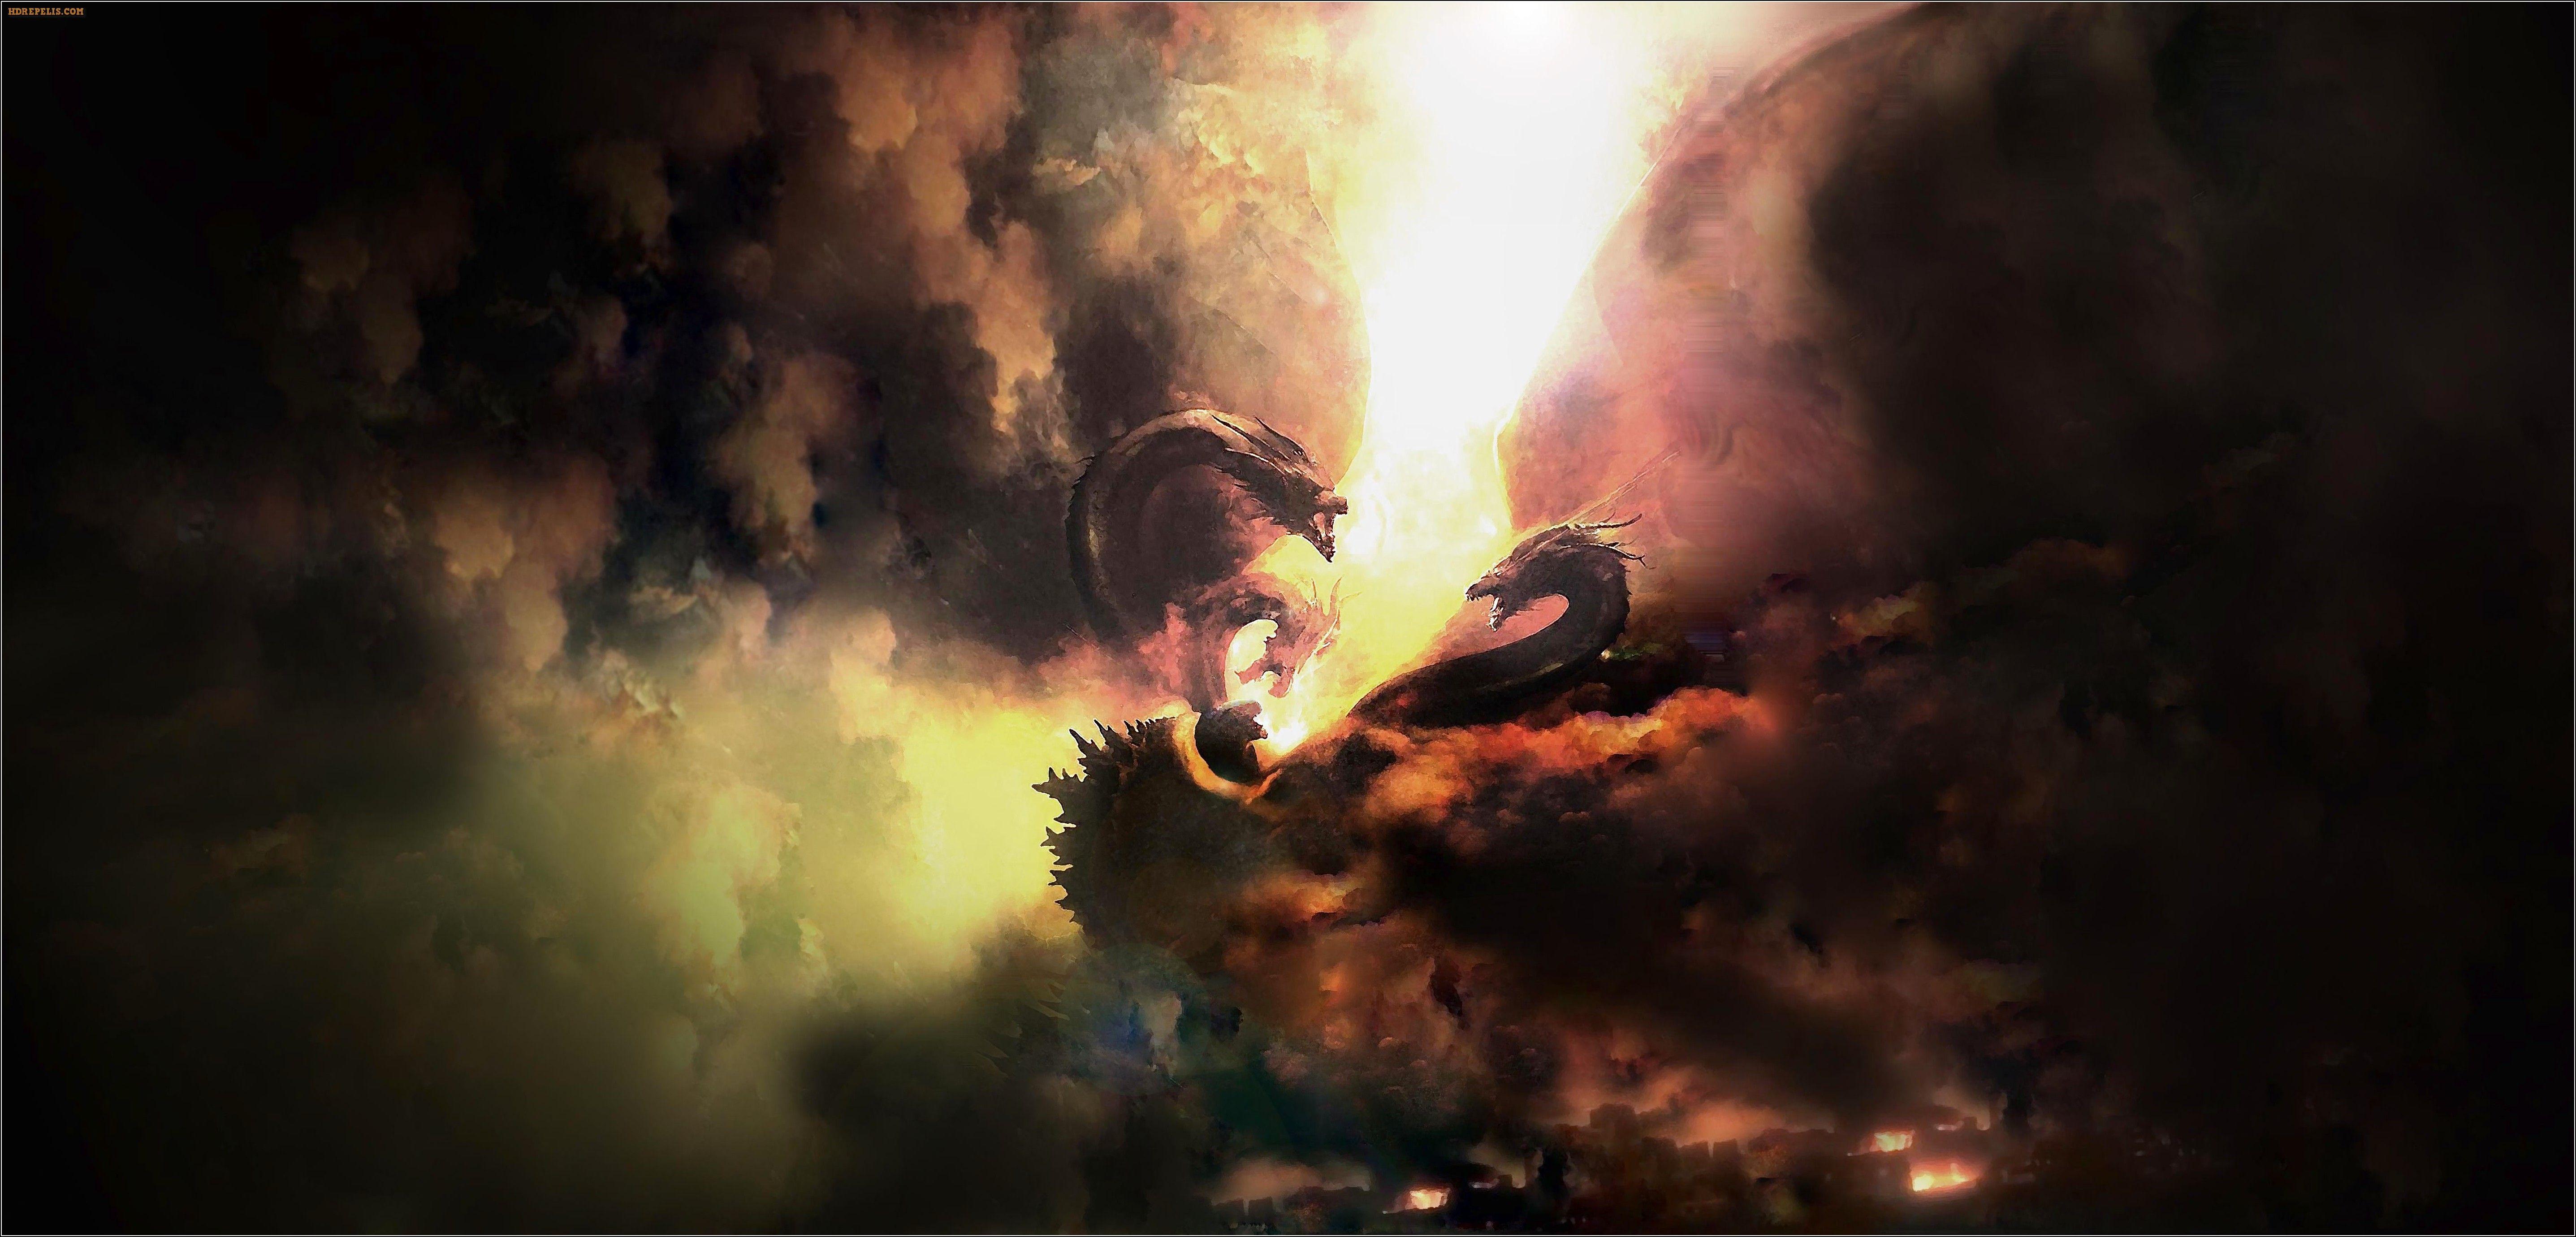 Pin On Ver Godzilla Rey De Los Monstruos Película Completa En Español Latino Online